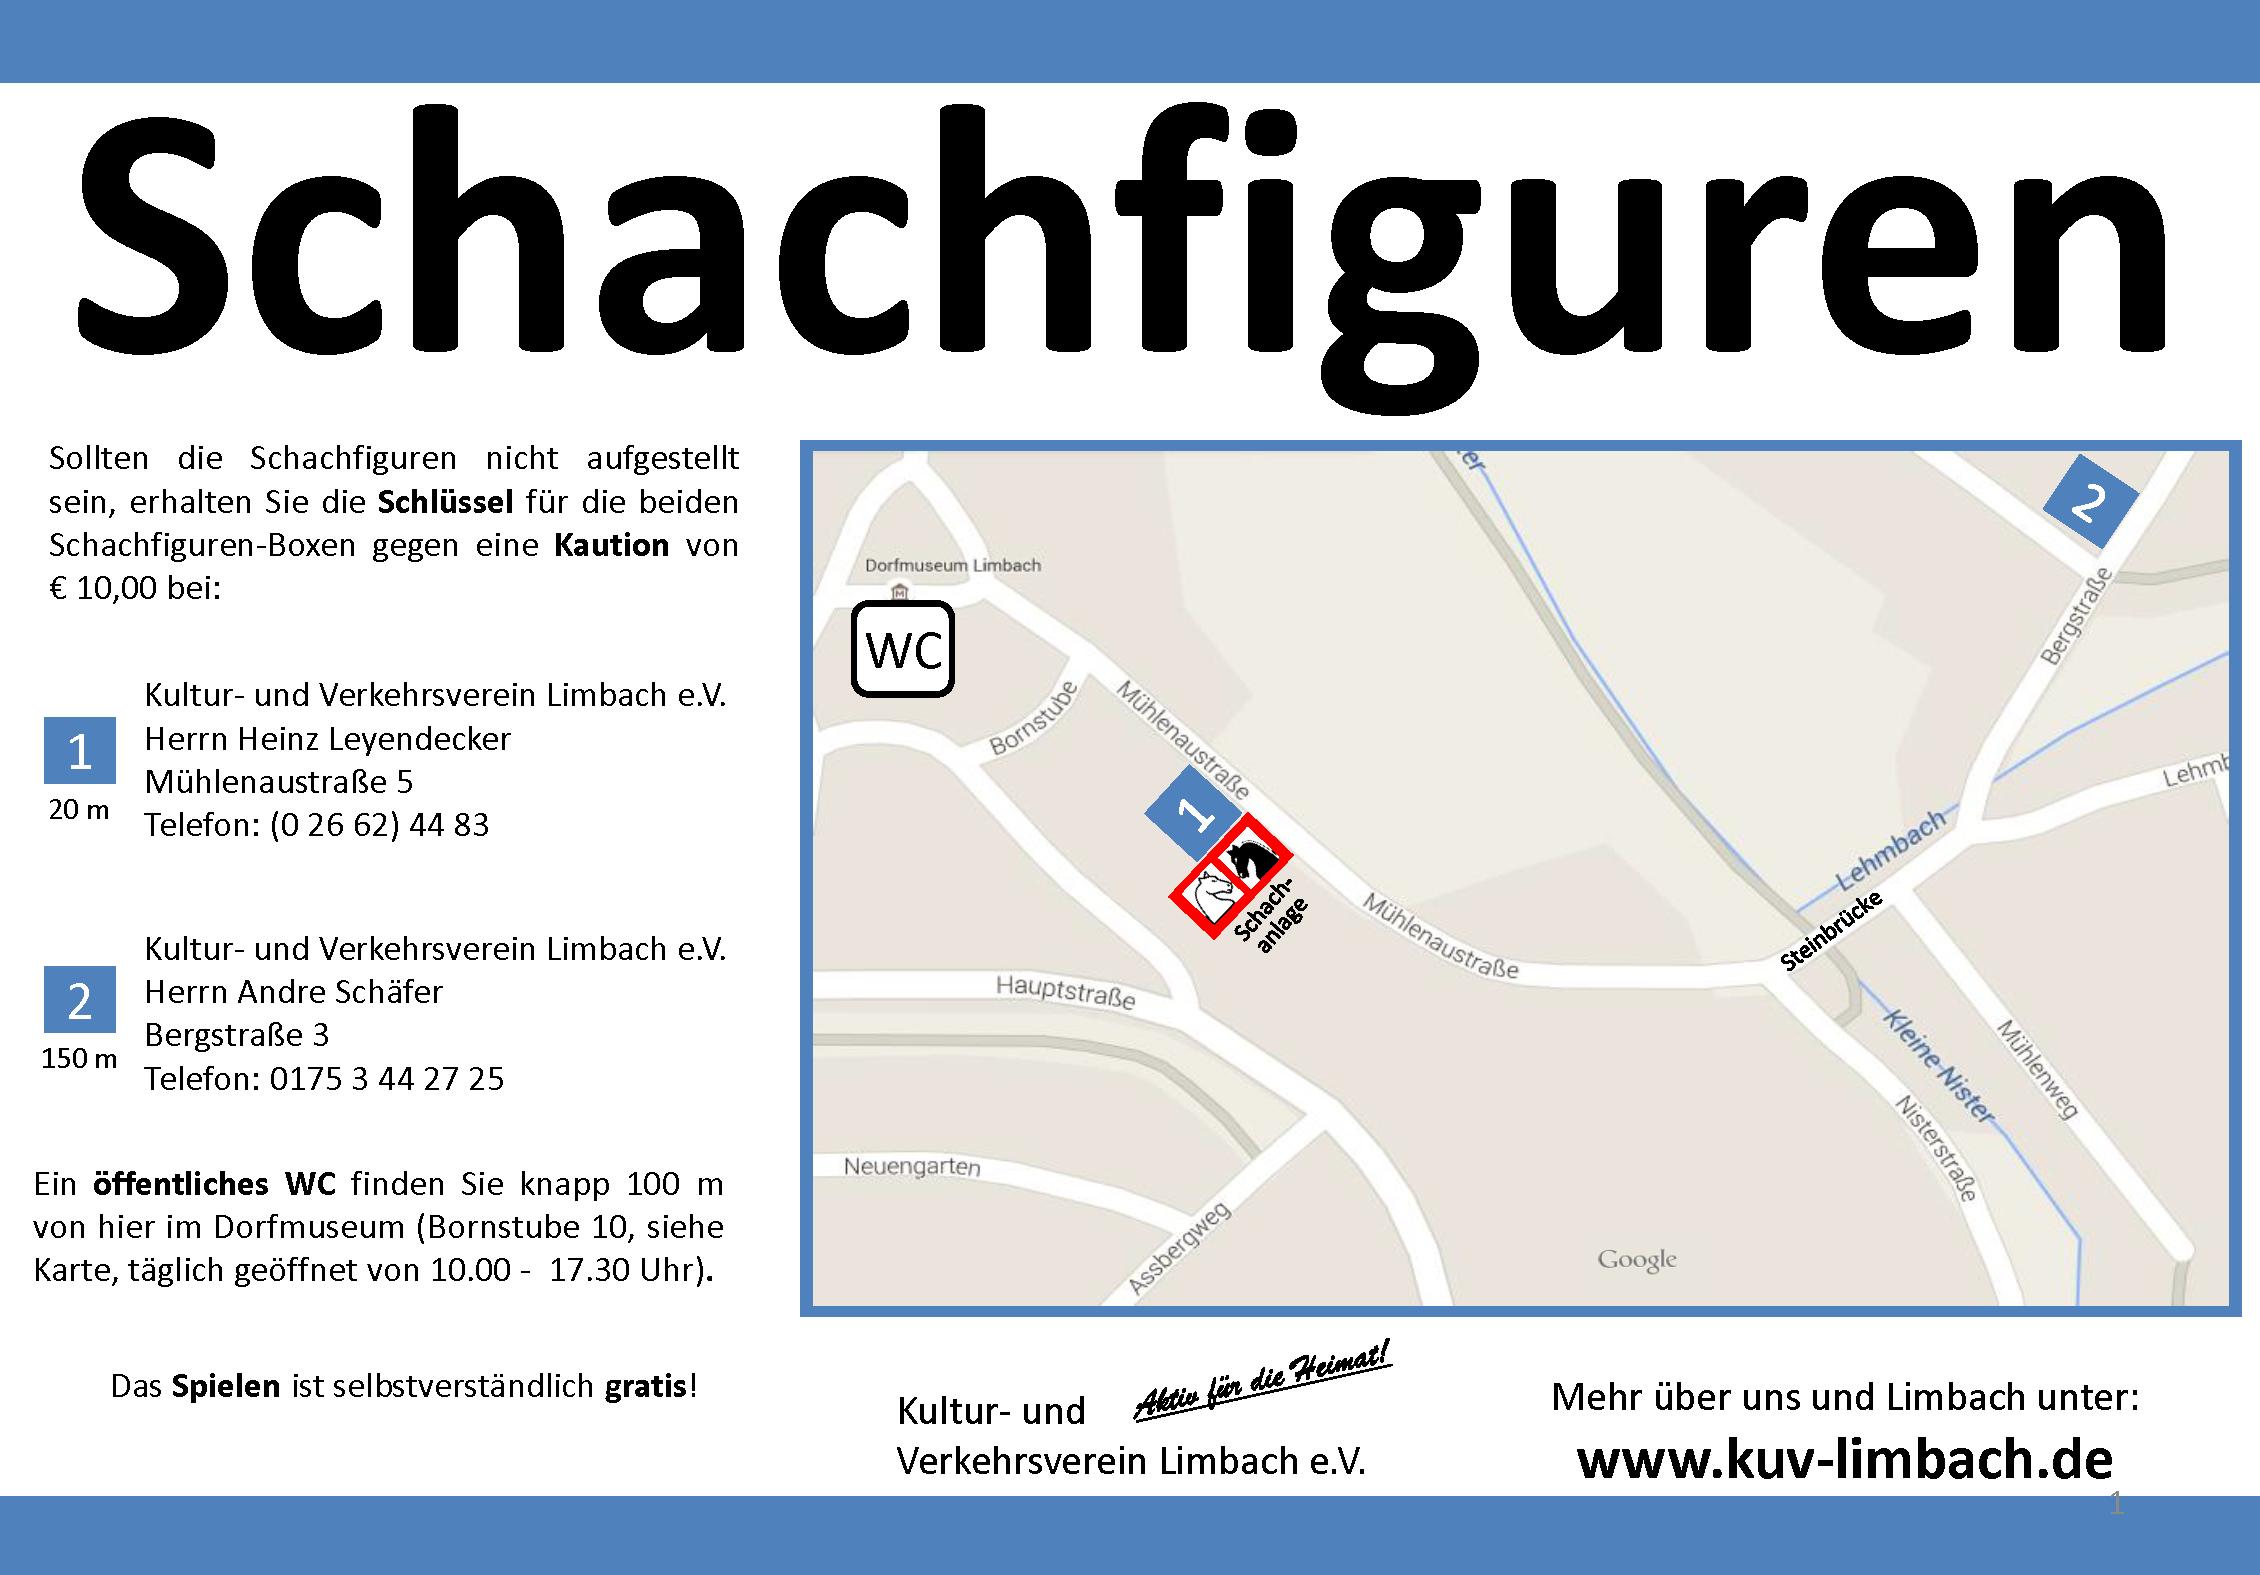 https://sites.google.com/a/kuv-limbach.de/kultur--und-verkehrsverein-limbach-e-v/freischach--anlage/Schachanlage-Schild-V1.1.png?attredirects=0